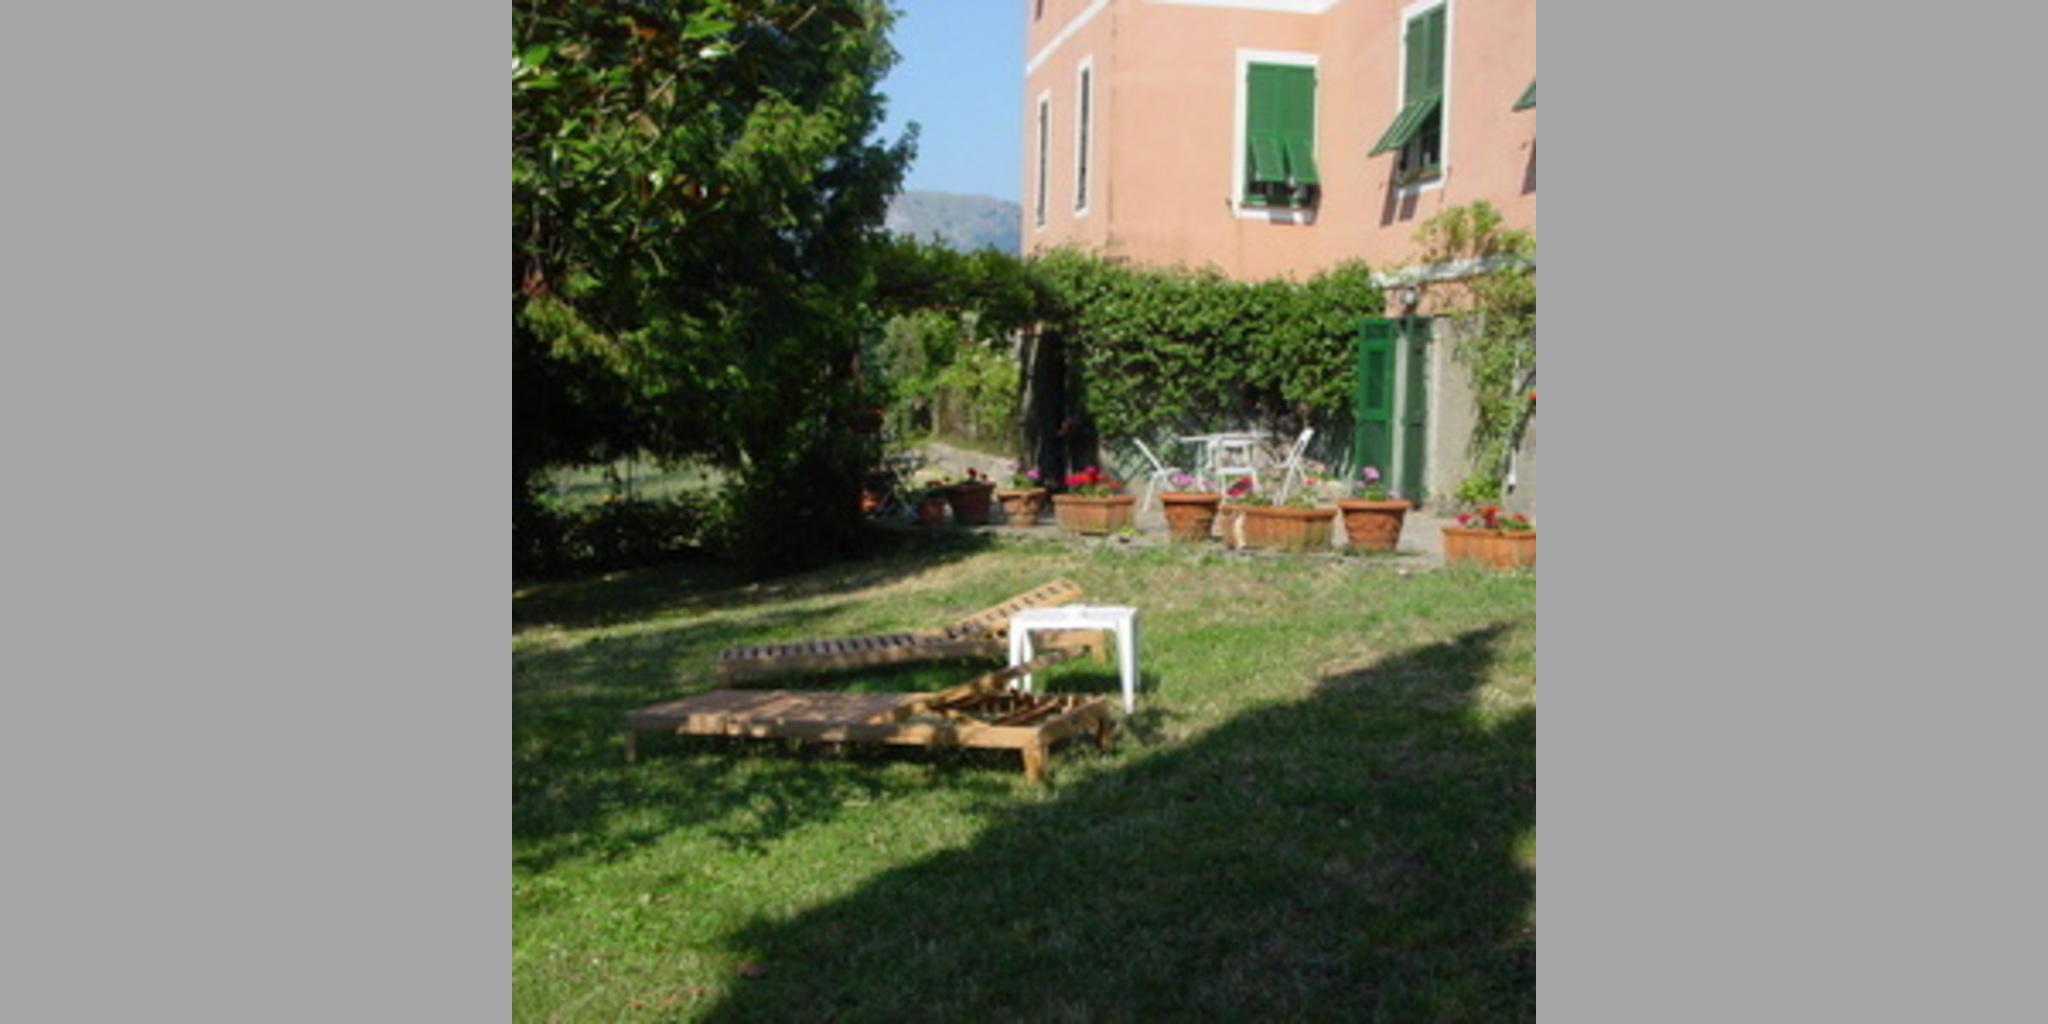 Bed & Breakfast Varese Ligure - Varese Ligure